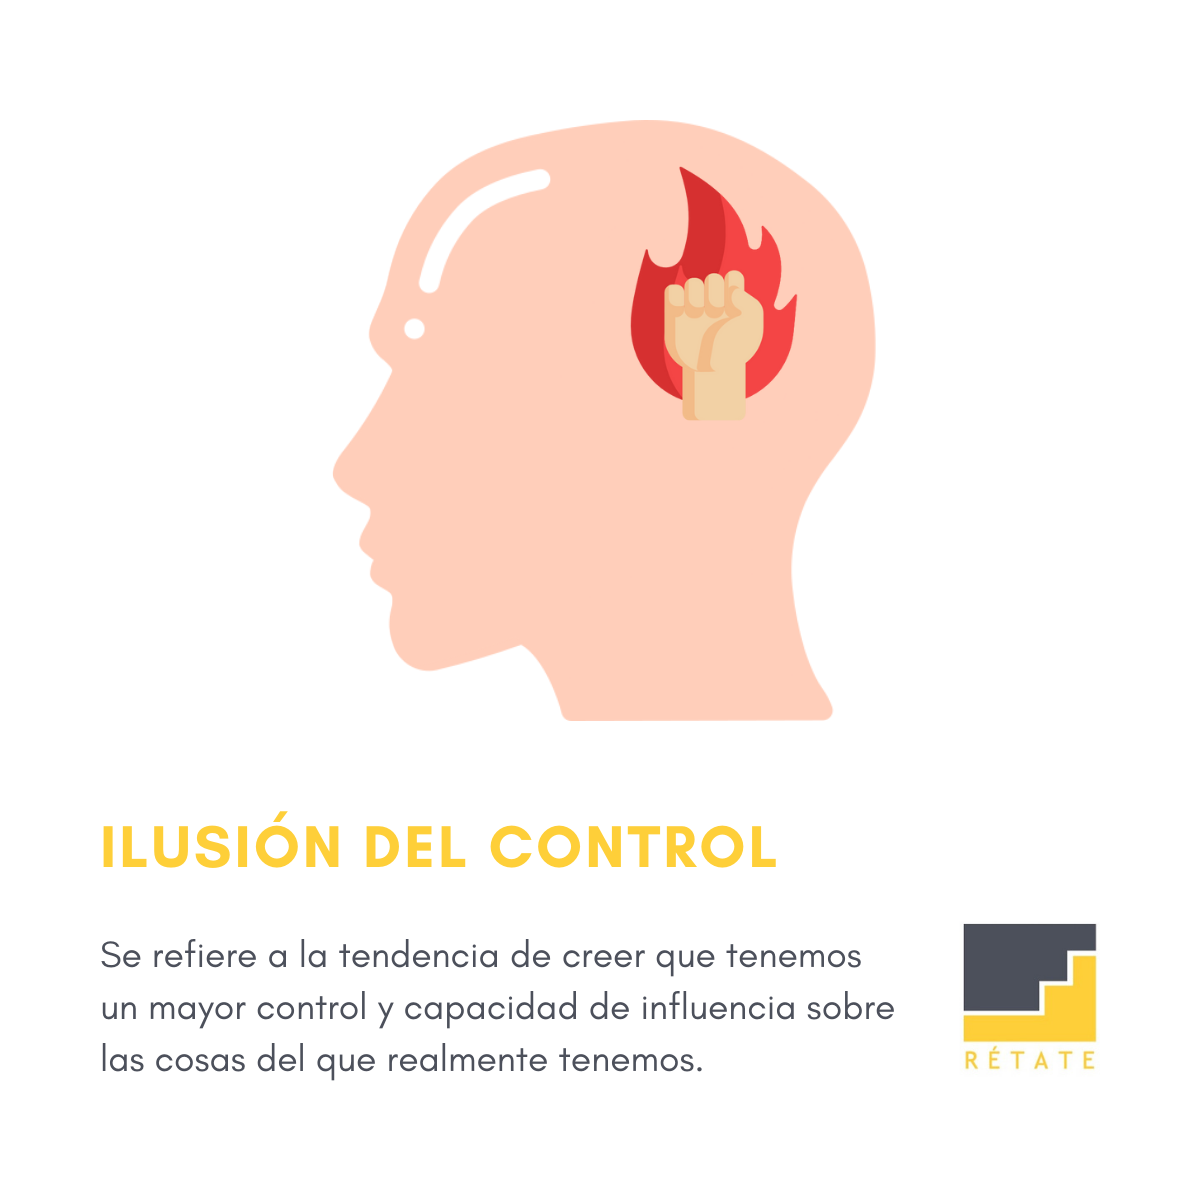 Ilusión del control